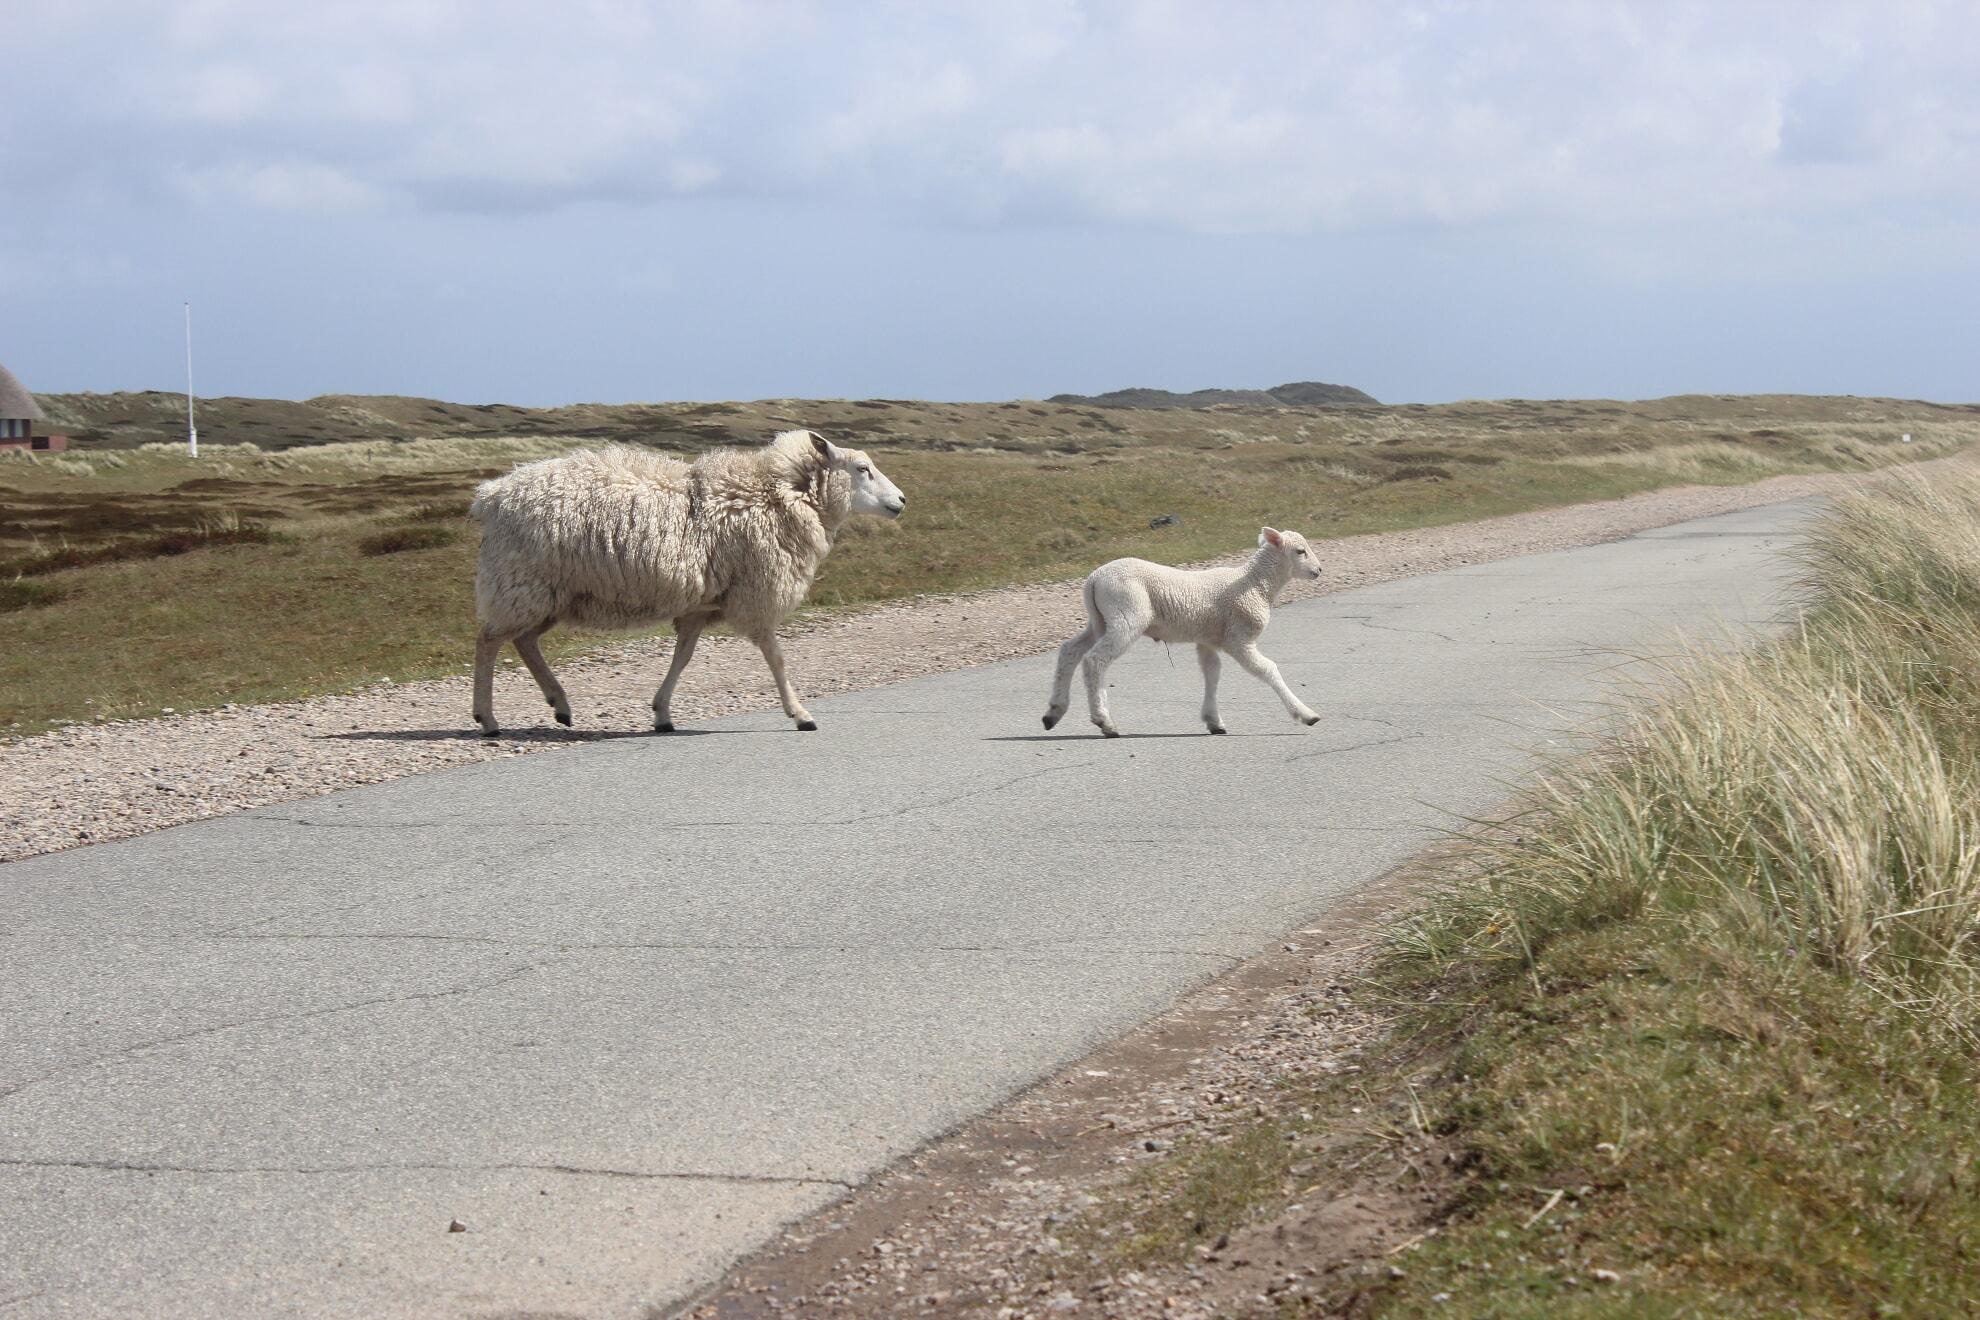 Schafe kreuzen die Straße am Ellenbogen